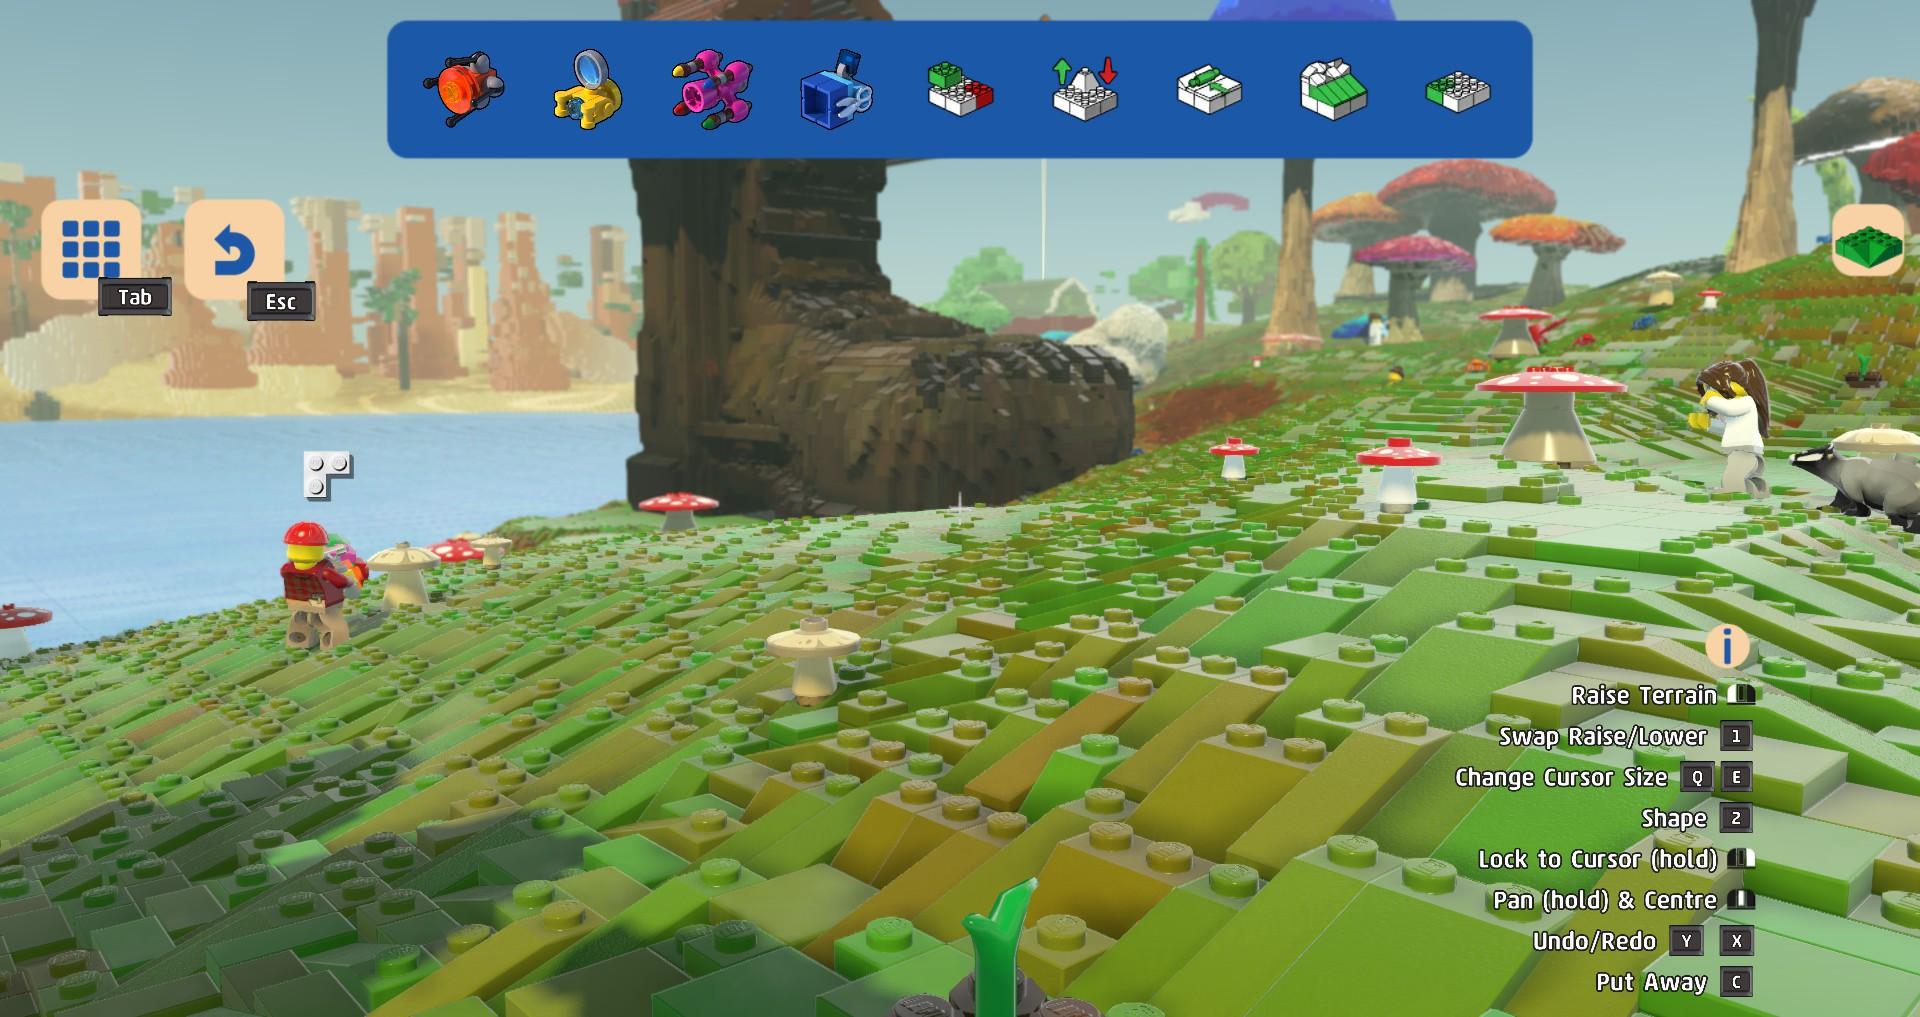 Free Build | Lego Worlds Wiki | FANDOM powered by Wikia